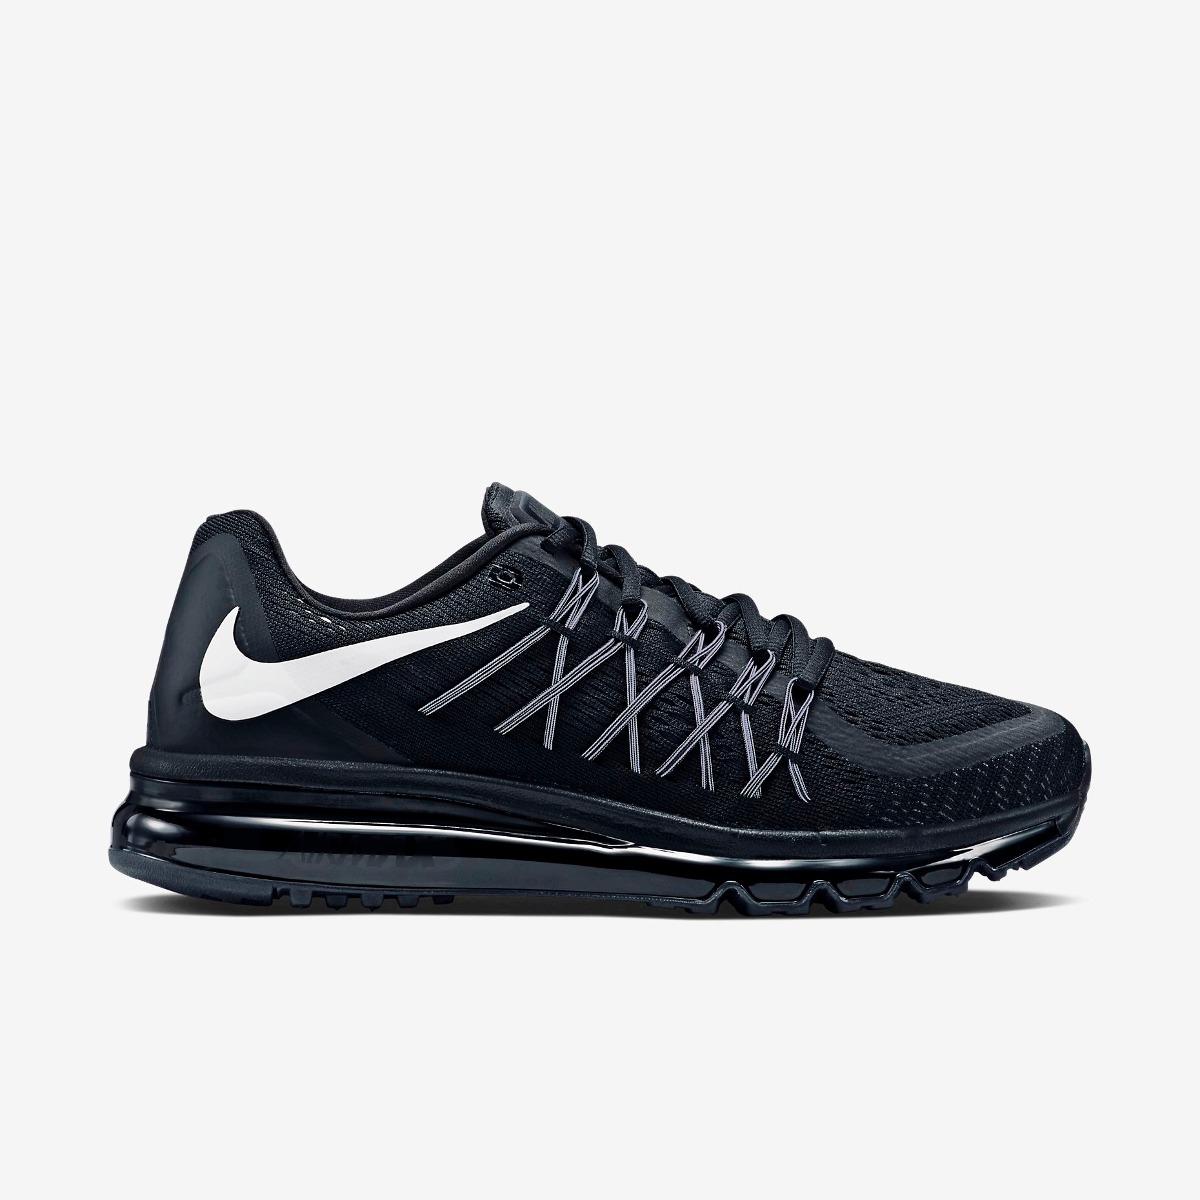 Chaussures Nike Air Max 2015 Marché Libre Portugal